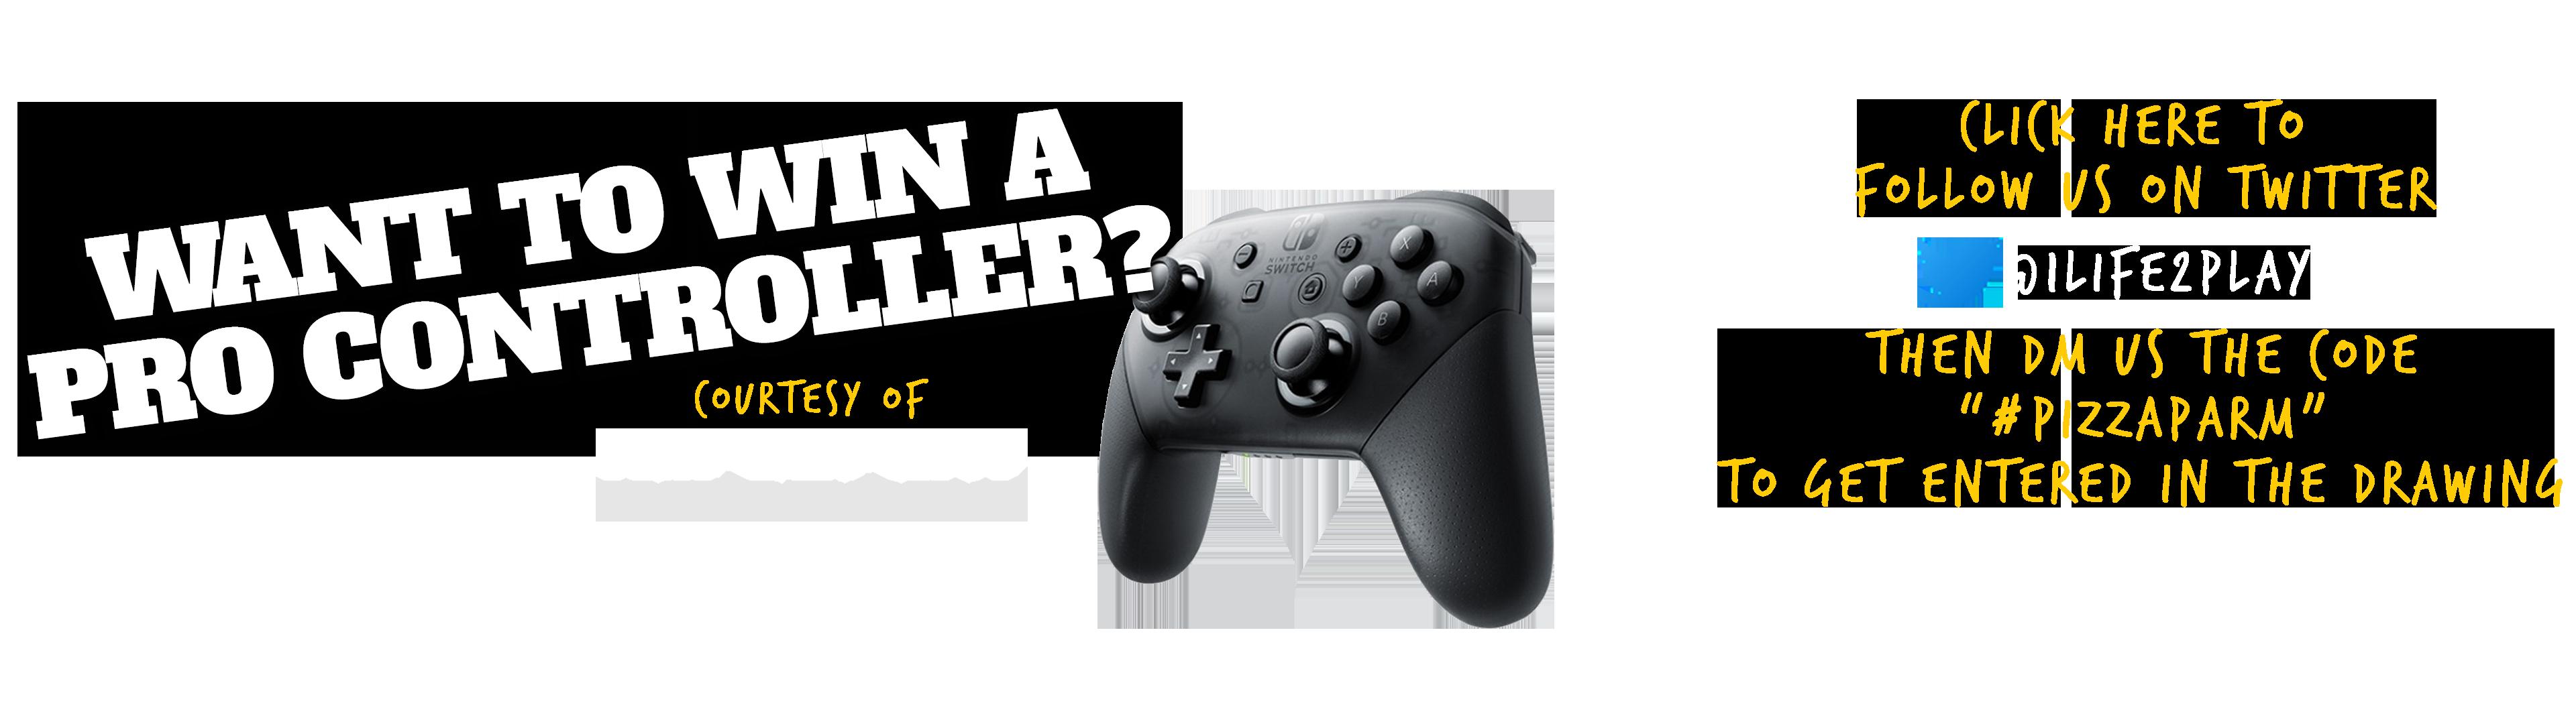 - Win Pro Controller 1 - Super Smash Bros. Ultimate